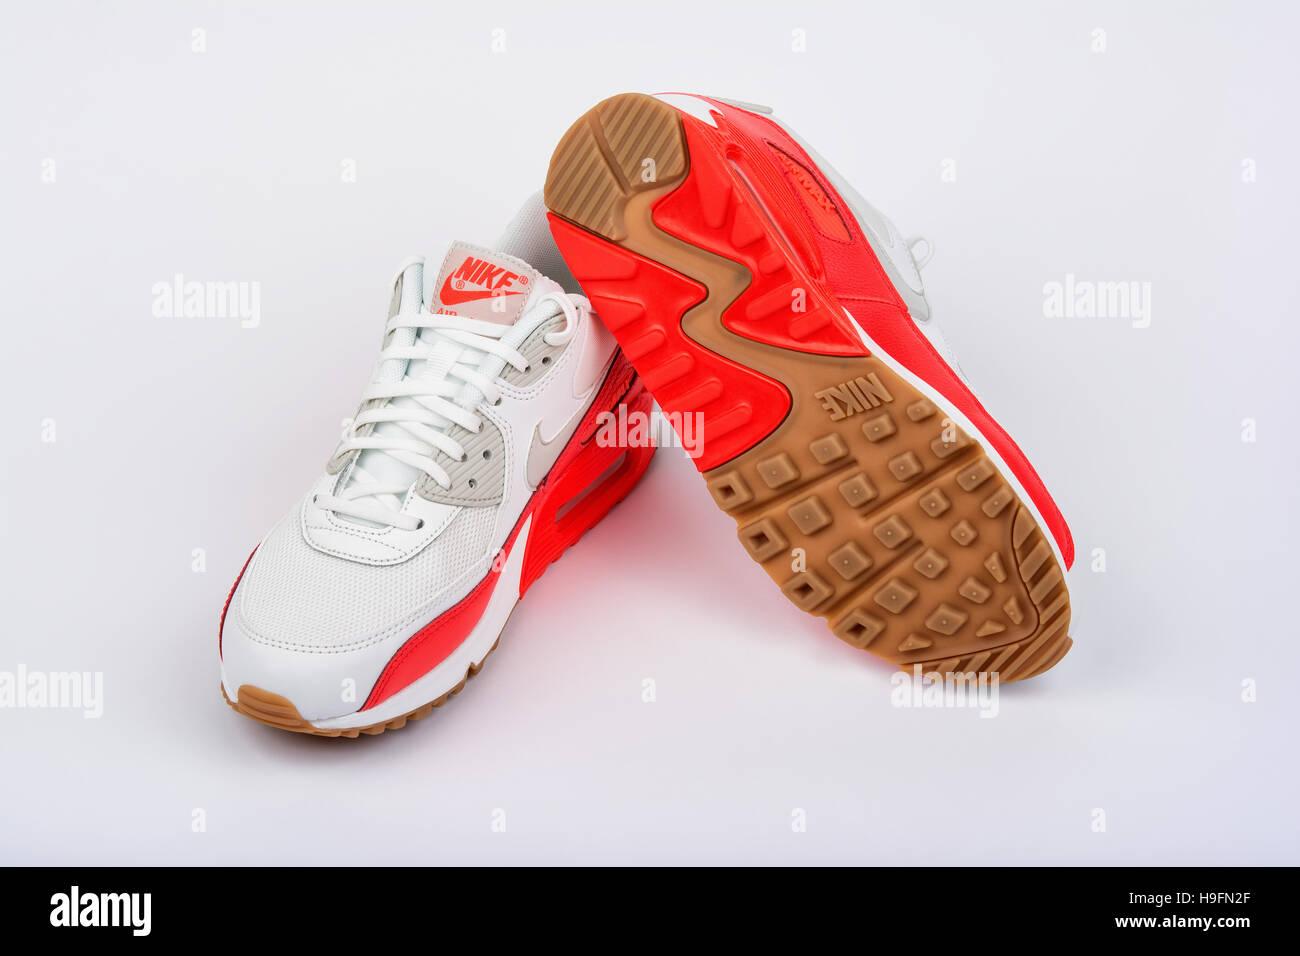 official photos 347a3 e76c9 BURGAS, BULGARIA - Agosto 29, 2016  Nike Air Max lady s - zapatos de